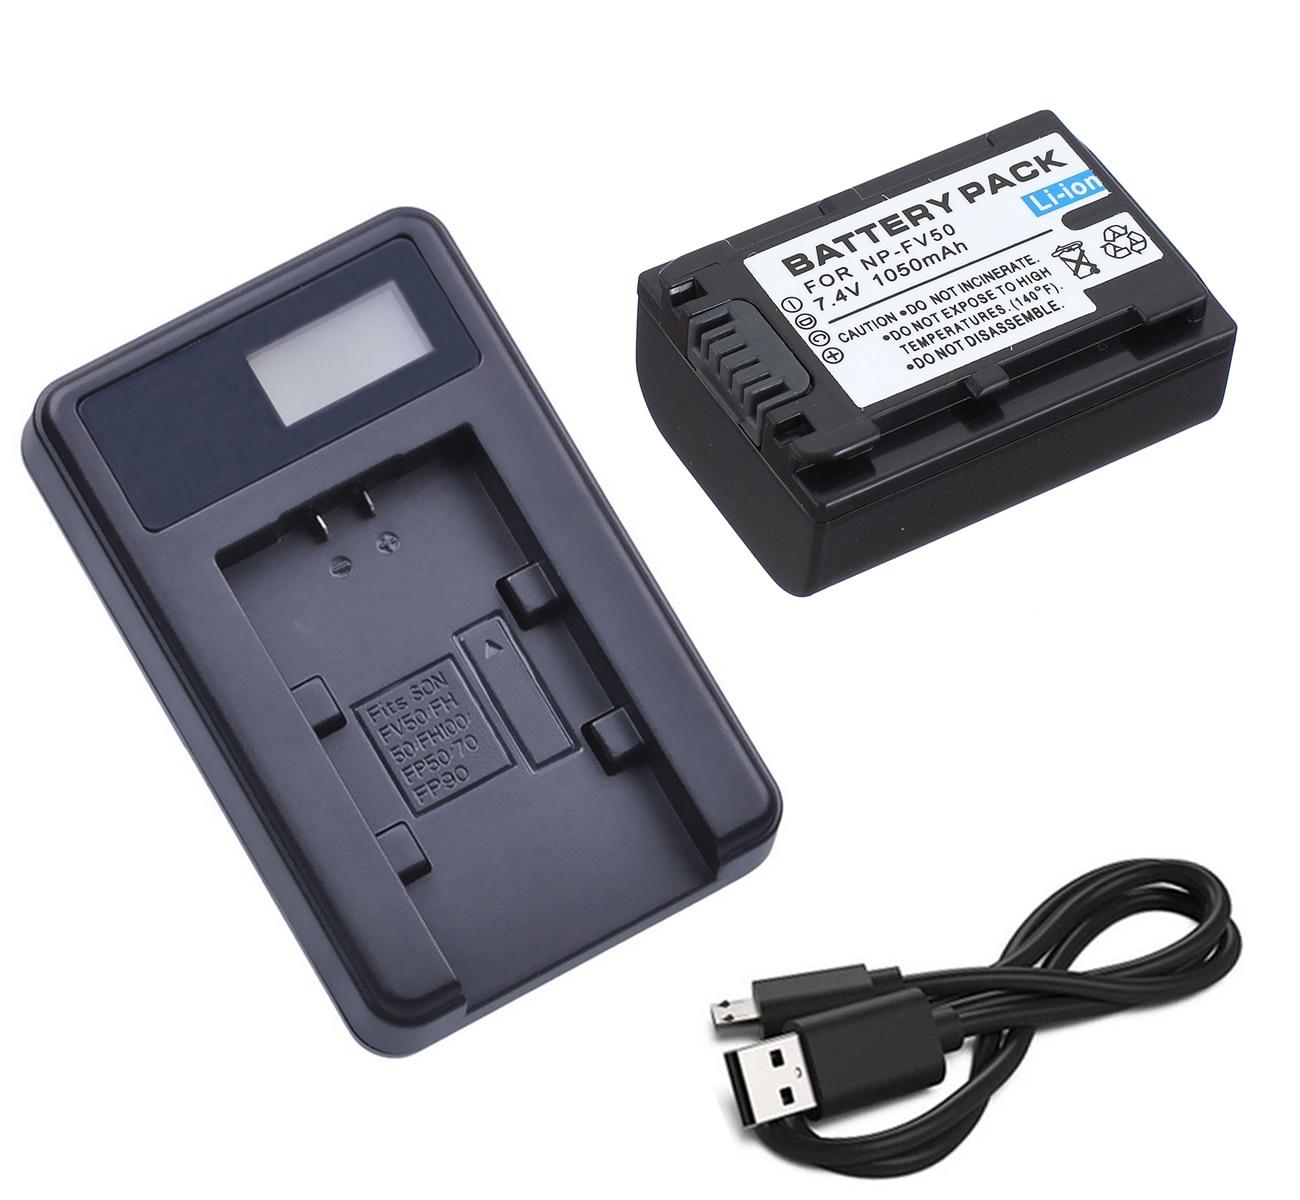 Fuente de alimentación para Sony handycam hdr-pj420ve//hdr-pj650ve